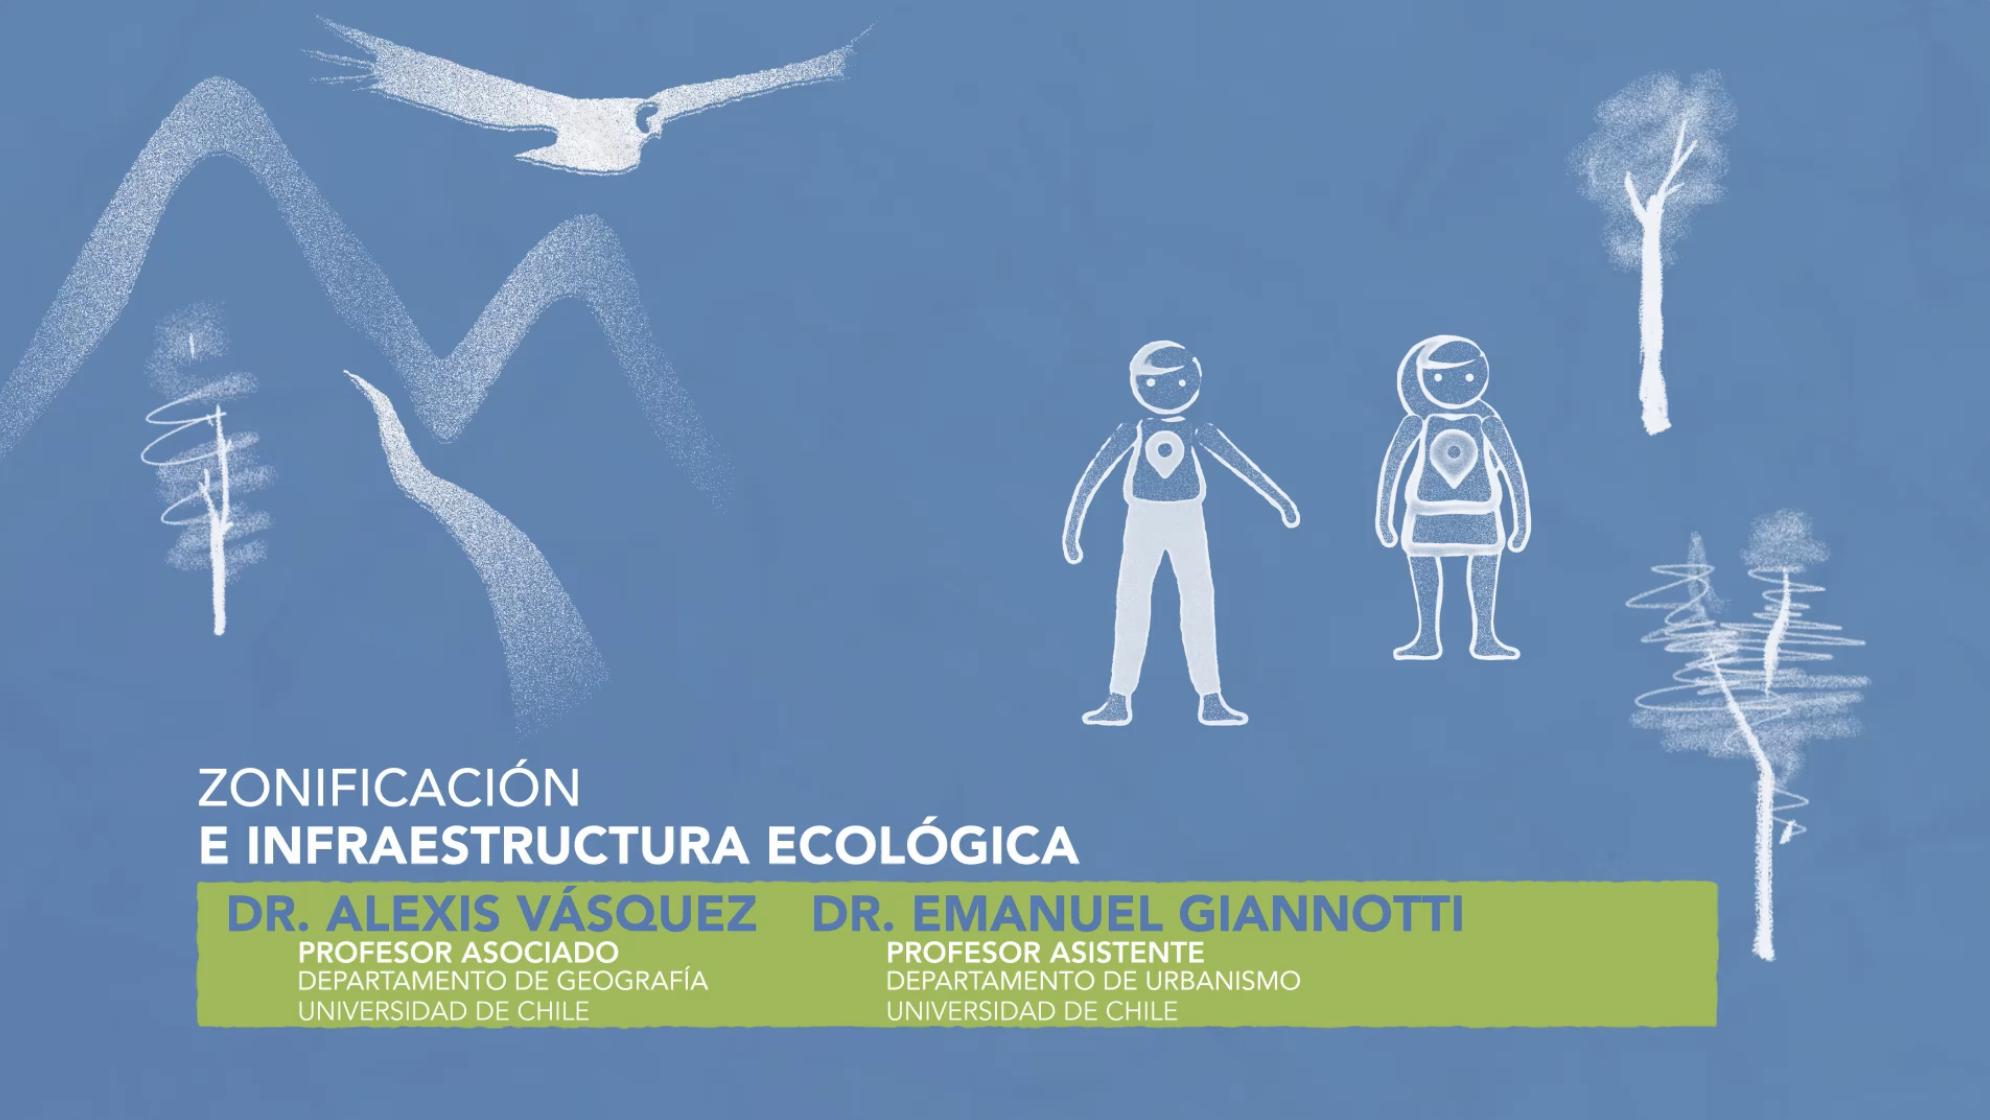 Zonificación e Infraestructura Ecológica – Alexis Vásquez y Emanuel Giannotti